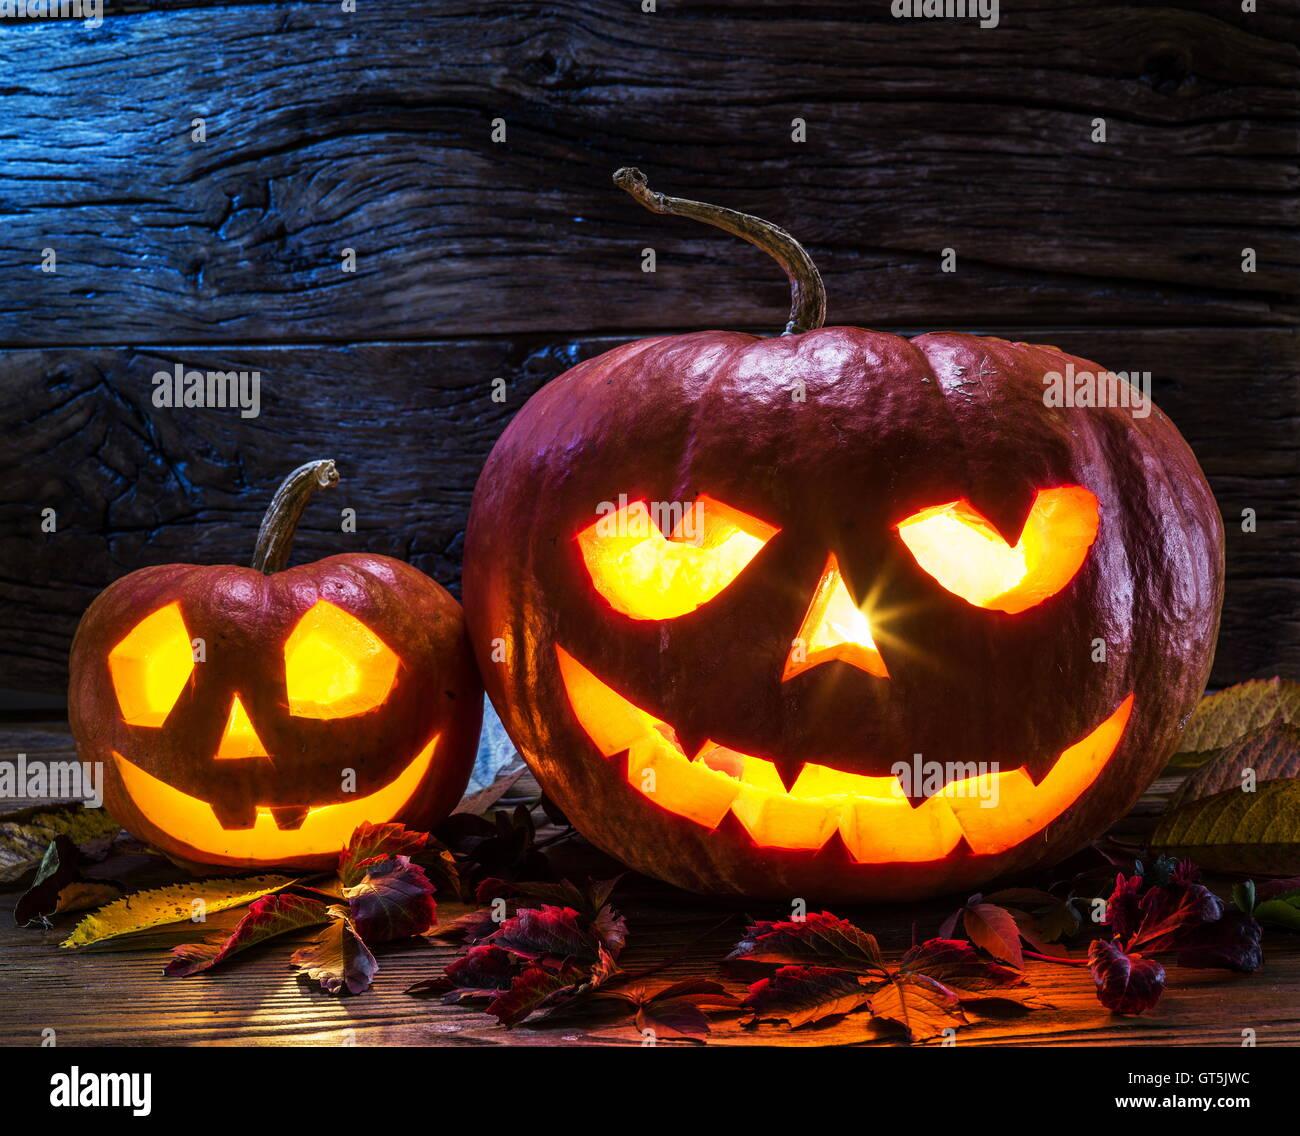 Grinning zucca lanterna o jack-o'-lanterna è uno dei simboli di Halloween. Attributo di Halloween. Sfondo Immagini Stock